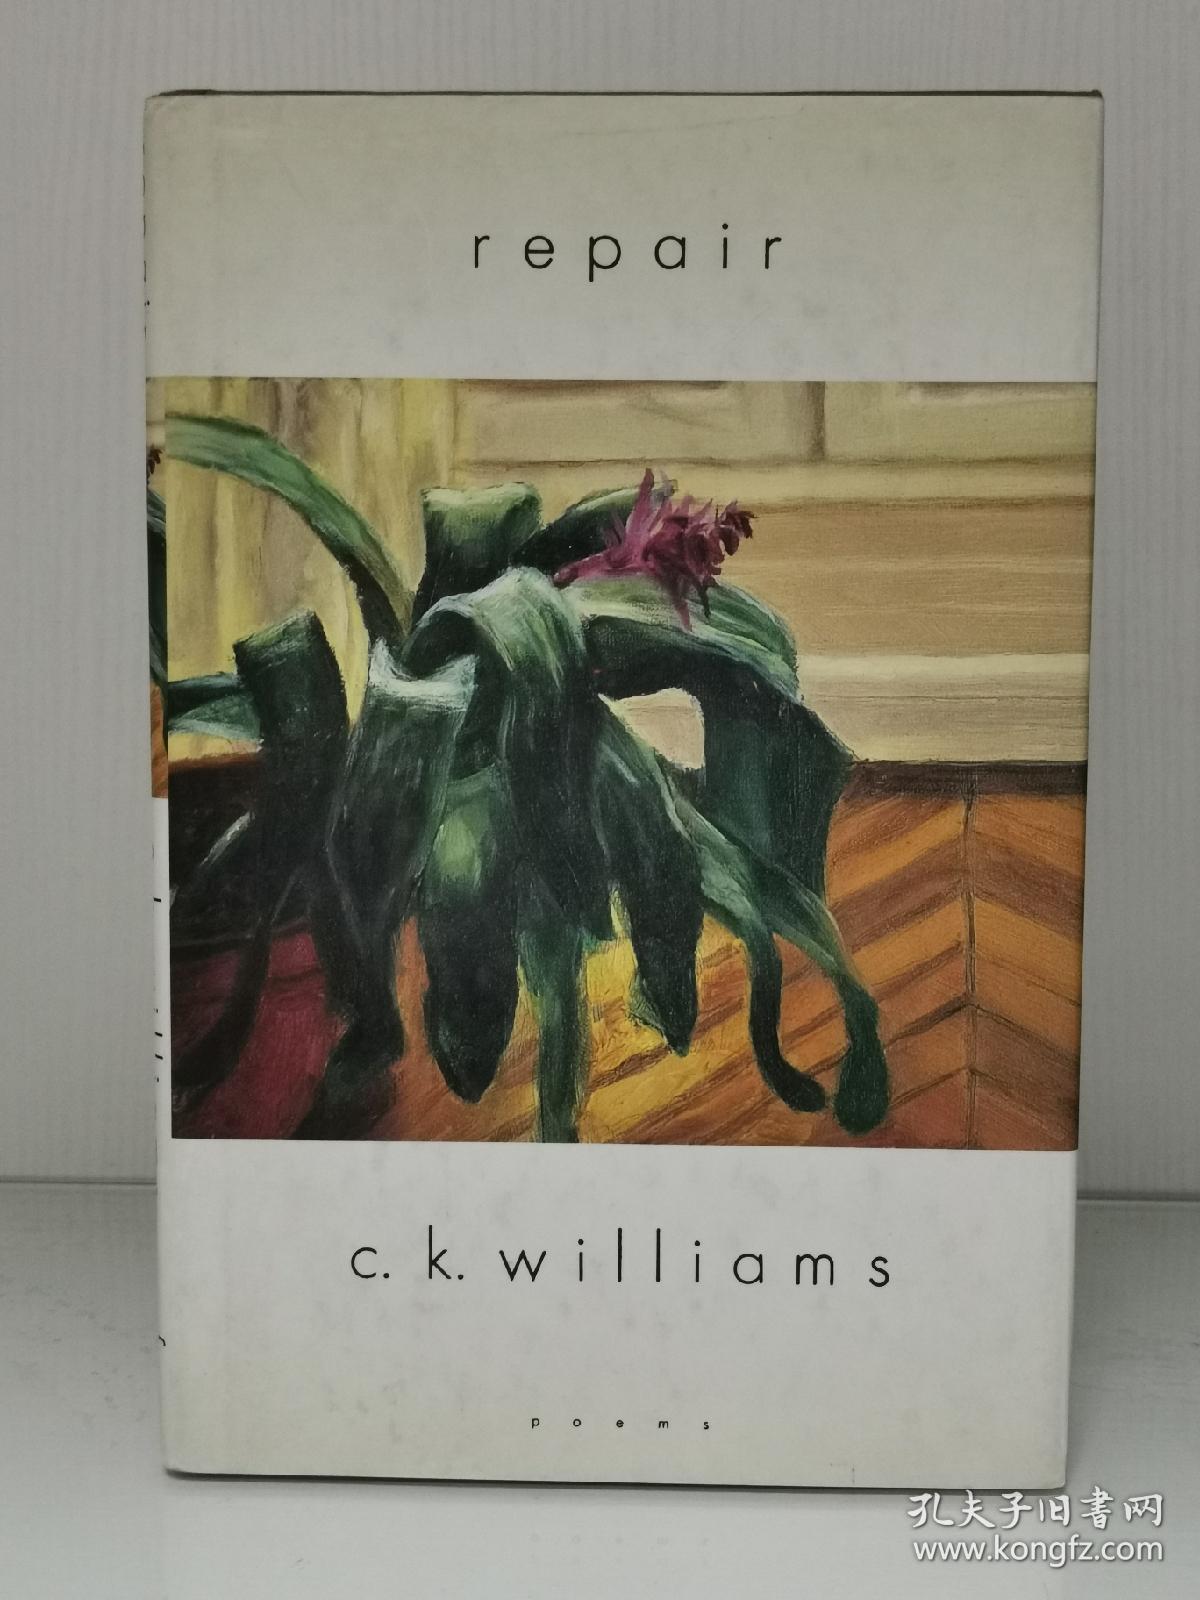 C. K. 威廉姆斯诗集      Repair Poems by C. K. Williams  (美国诗歌)  英文原版书